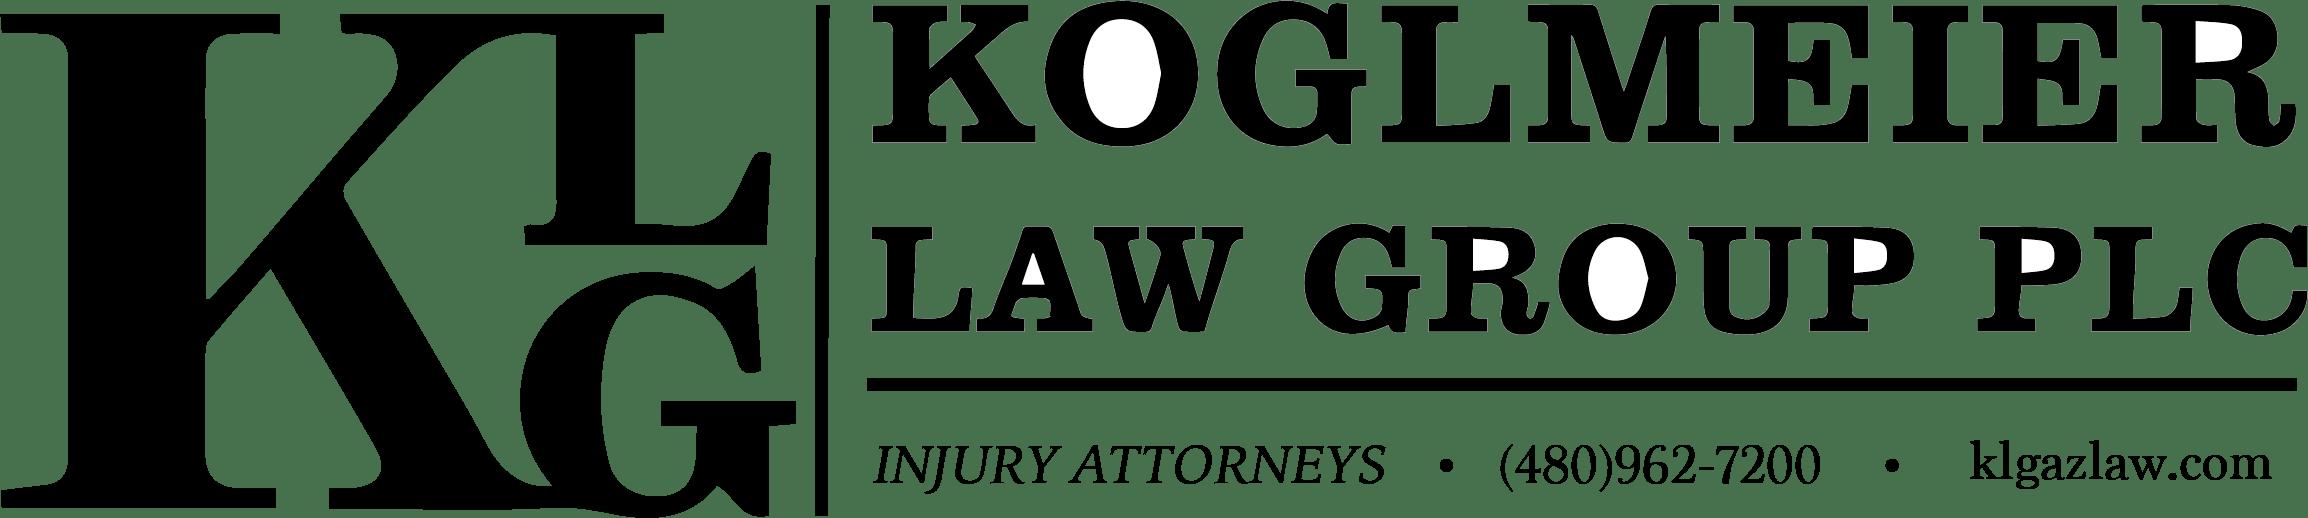 Koglmeier Law Group, PLC